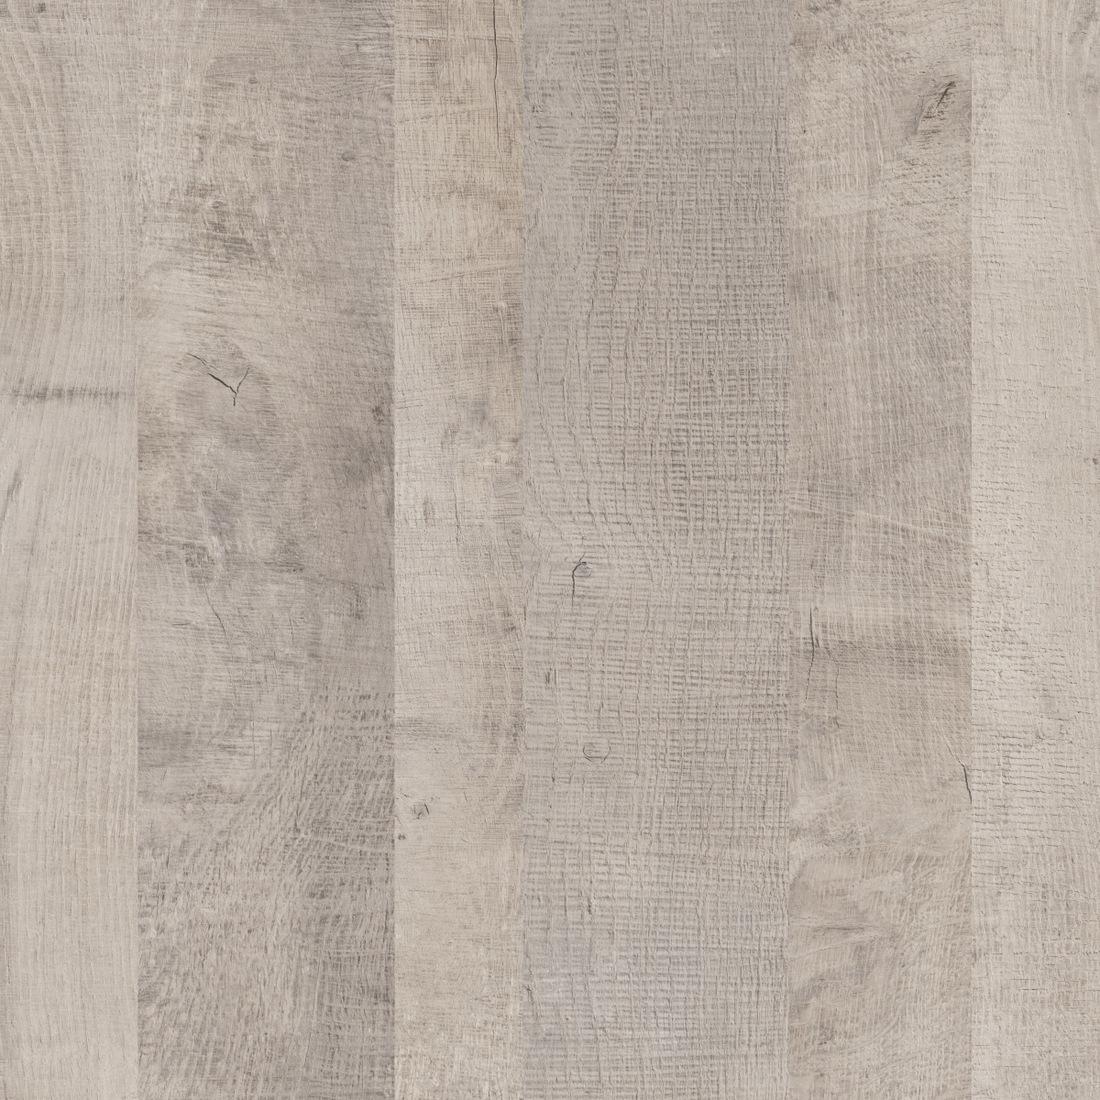 Pal melaminat Kronospan, Stejar platinat K355 PW, 2800 x 2070 x 18 mm imagine MatHaus.ro